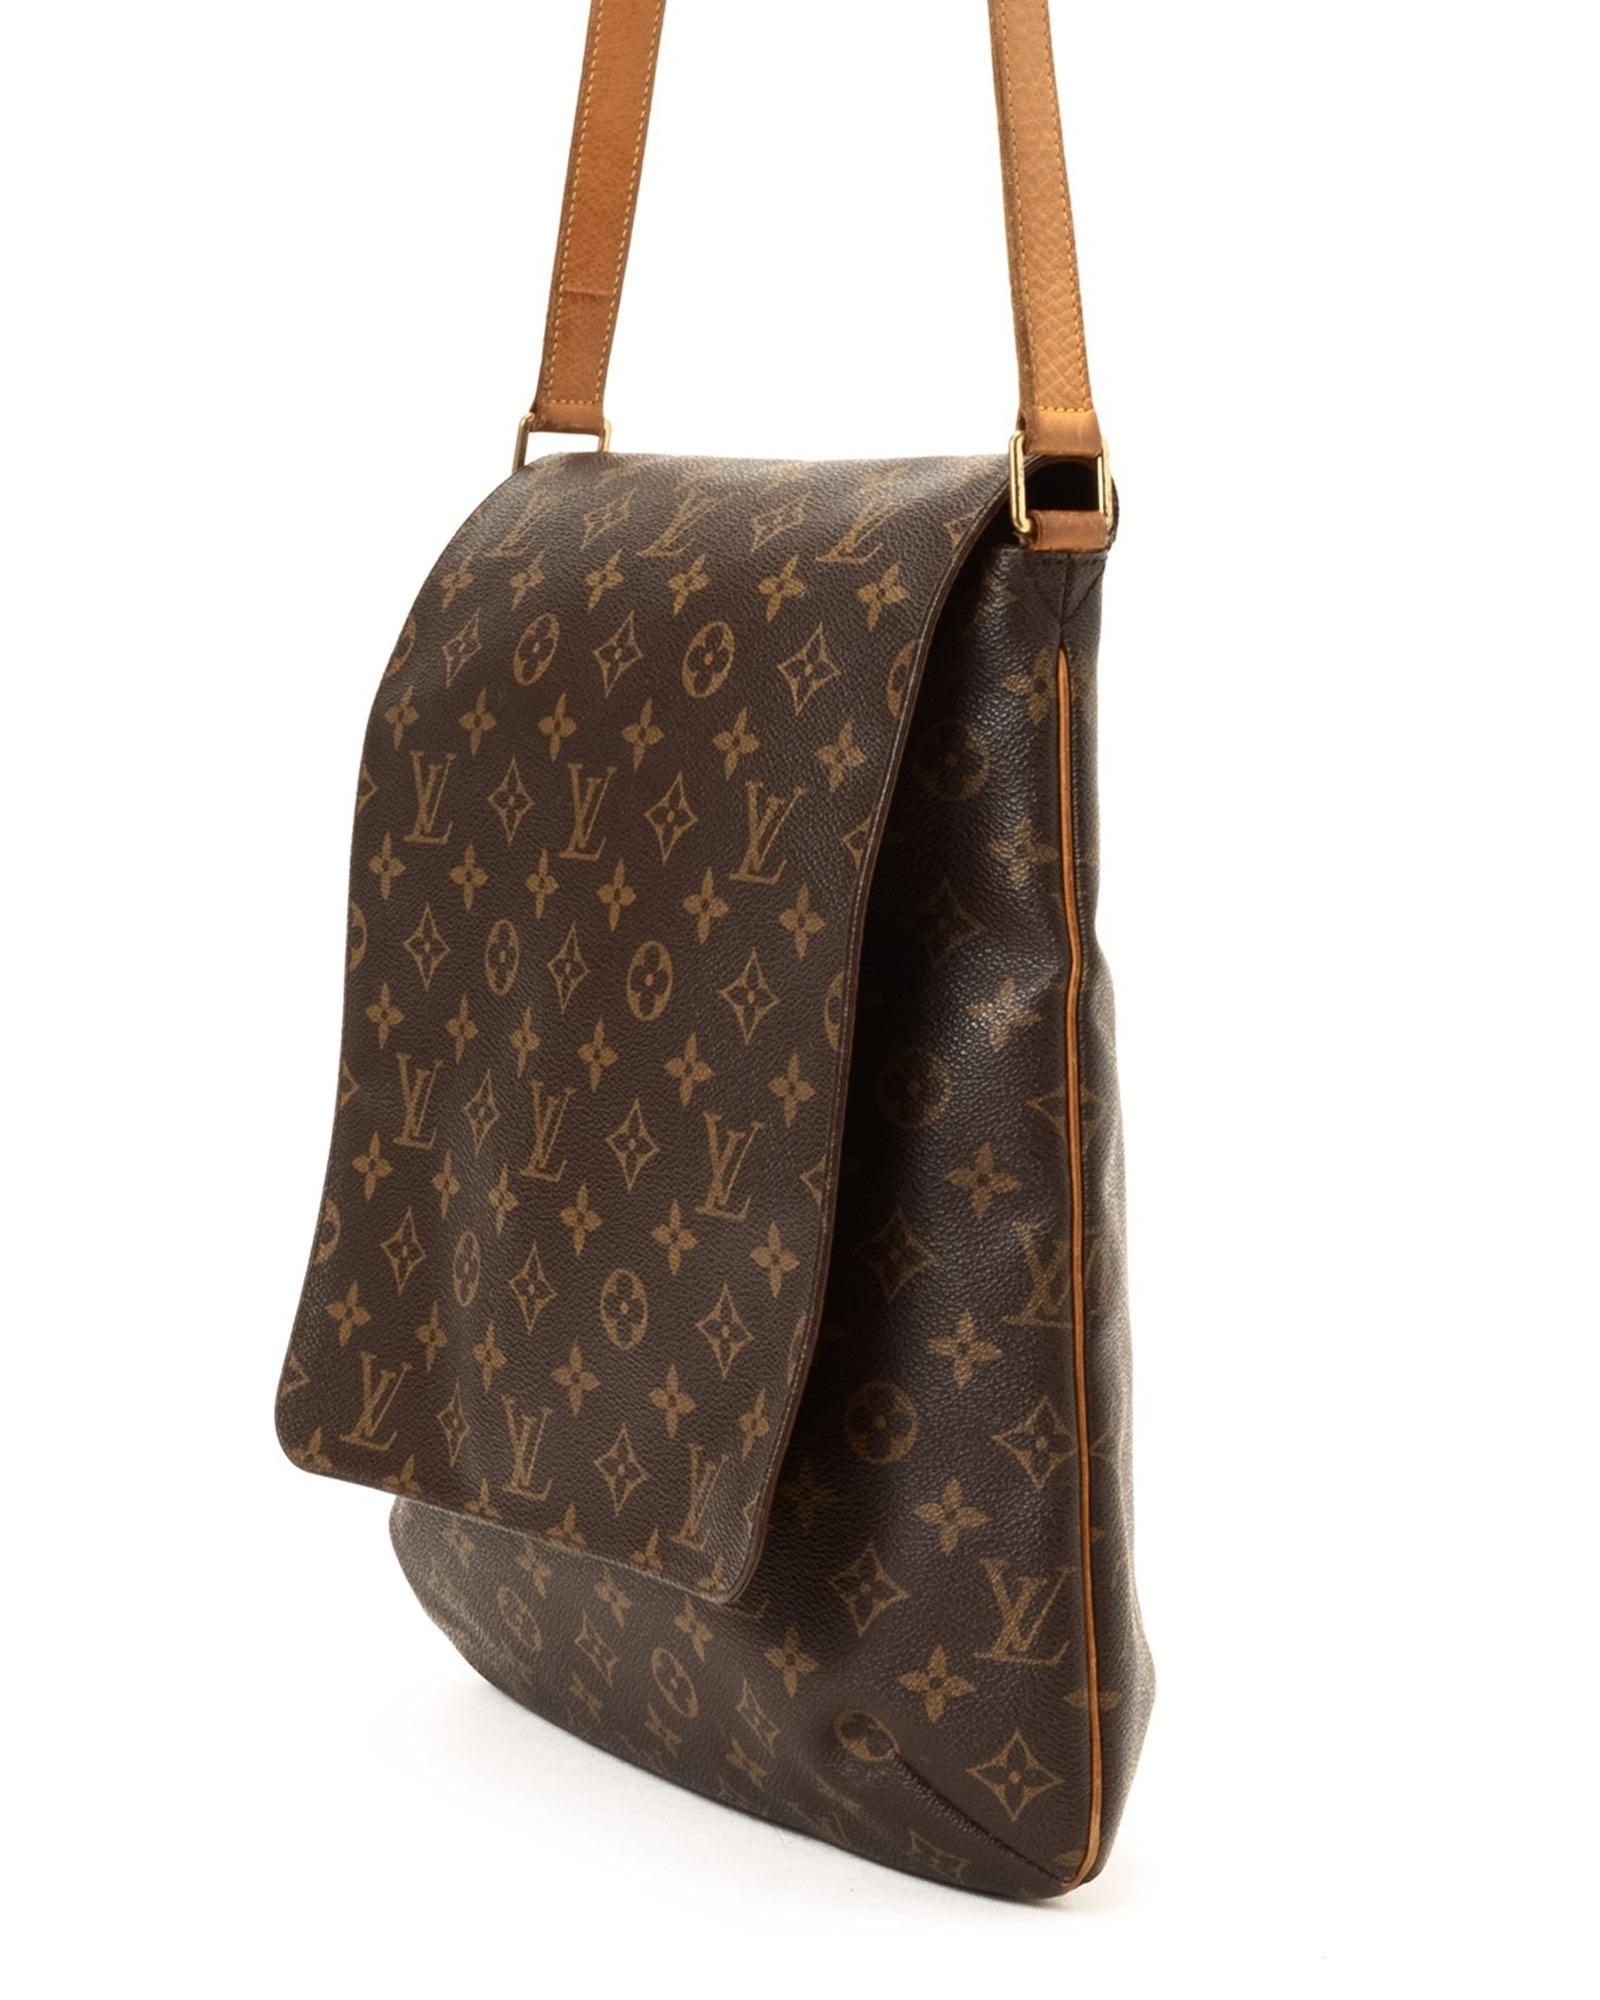 86c3cd450815 Lyst - Louis Vuitton Brown Shoulder Bag - Vintage in Brown